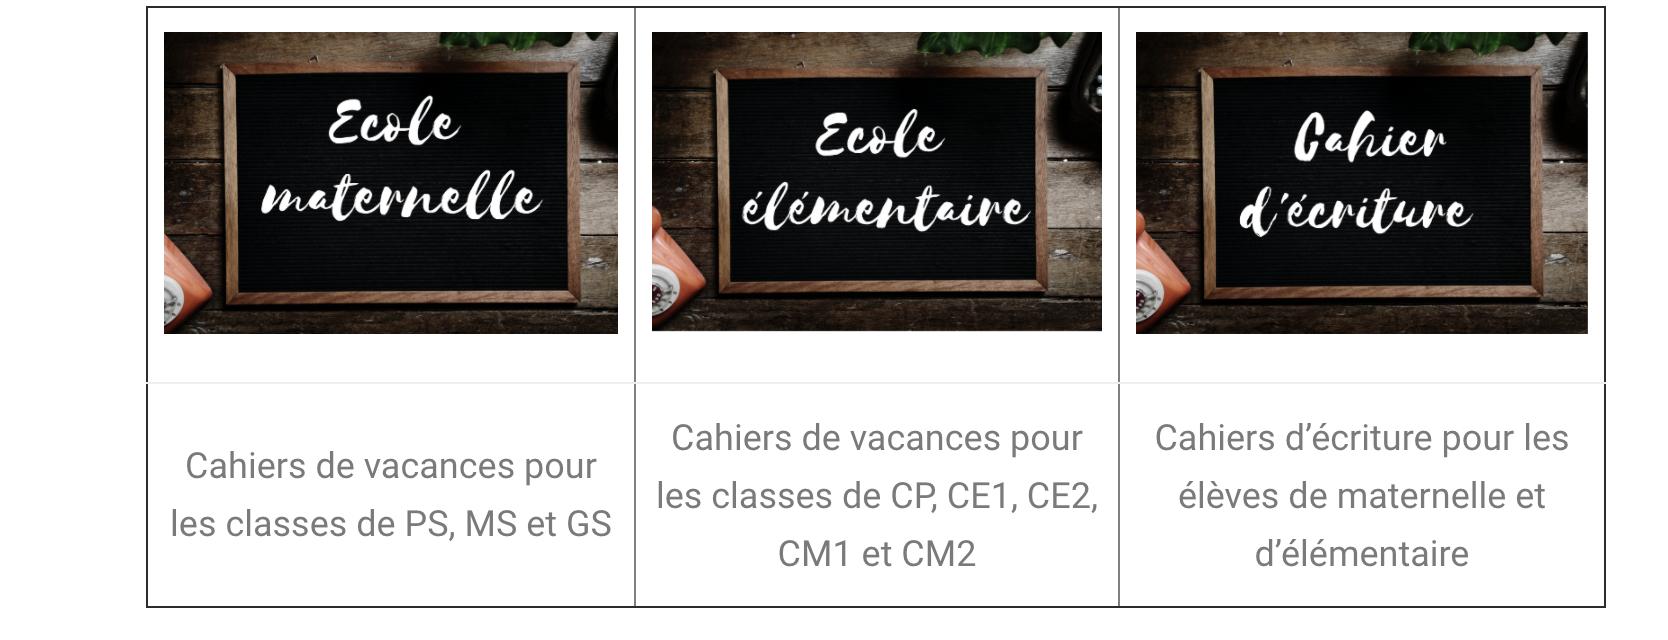 Cahiers De Vacances Gratuits Avec Le Site Editions Rosace encequiconcerne Cahier De Vacances À Télécharger Gratuitement